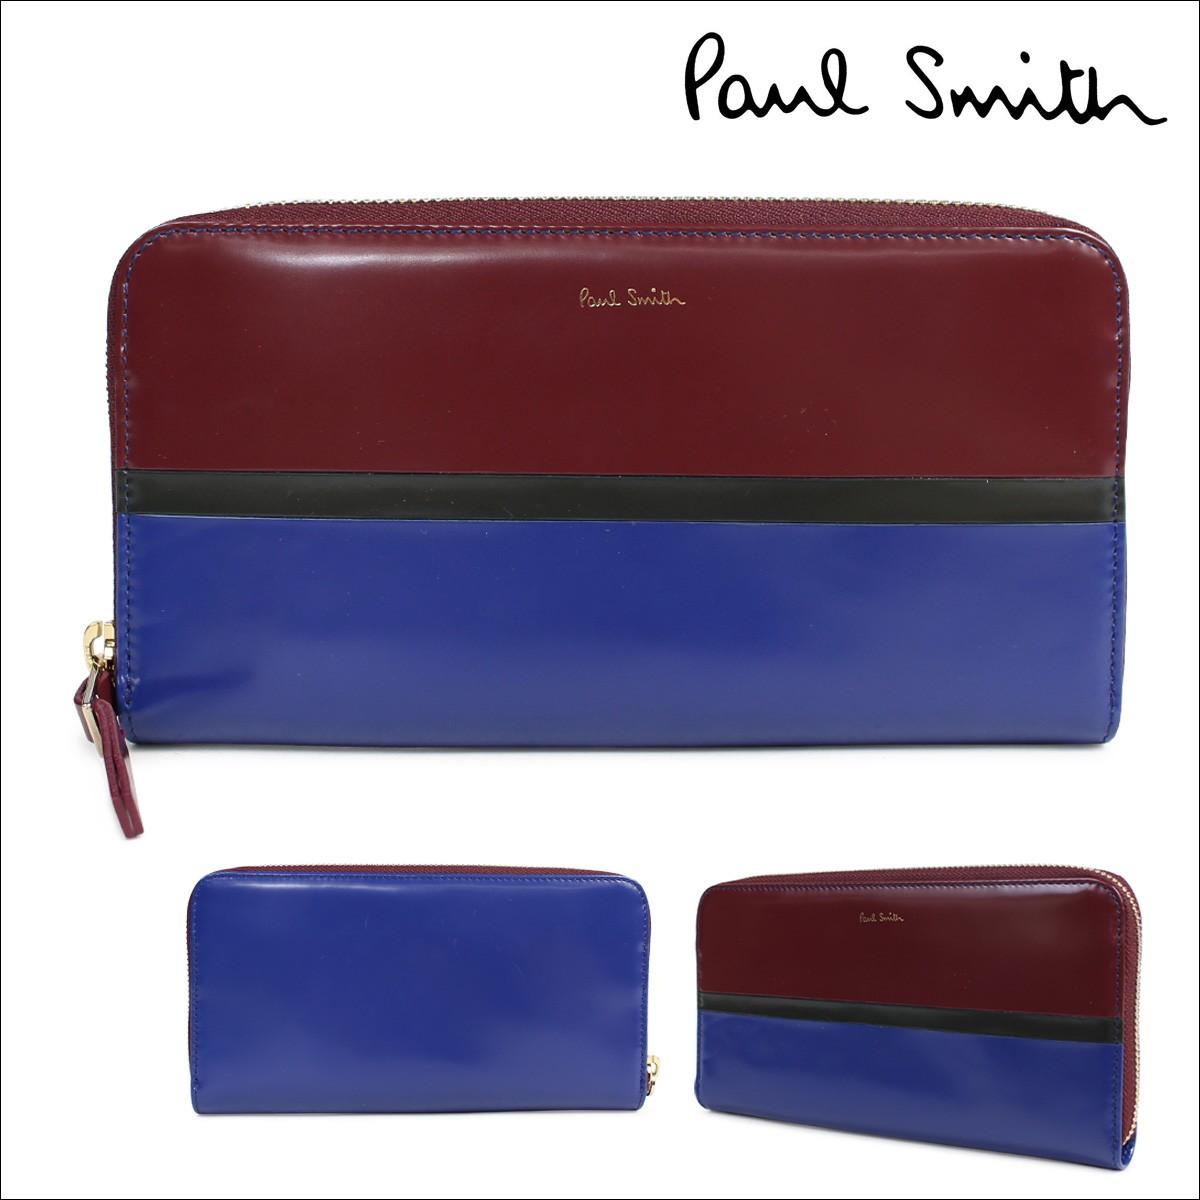 ポールスミス 財布 レディース 長財布 Paul Smith 本革 ラウンドファスナー WOMEN WALLET LRG ZIP MRKSTR WNXA 4609 W740 ワインレッド ブルー